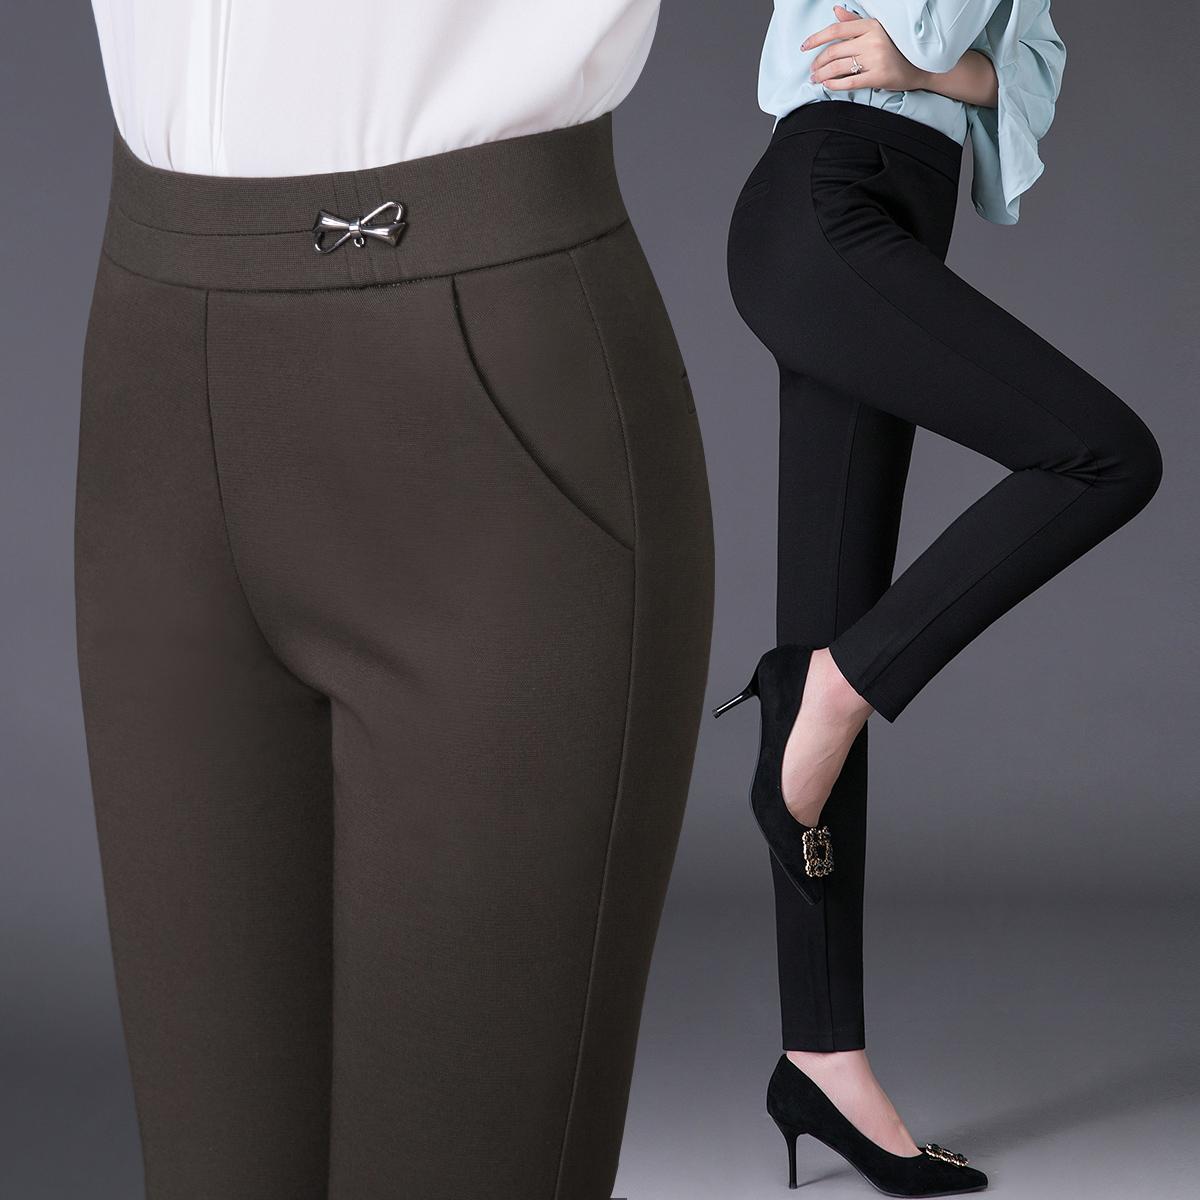 秋季厚款中年女裤高弹力紧身长裤子秋天加大加肥打底裤外穿妈妈装